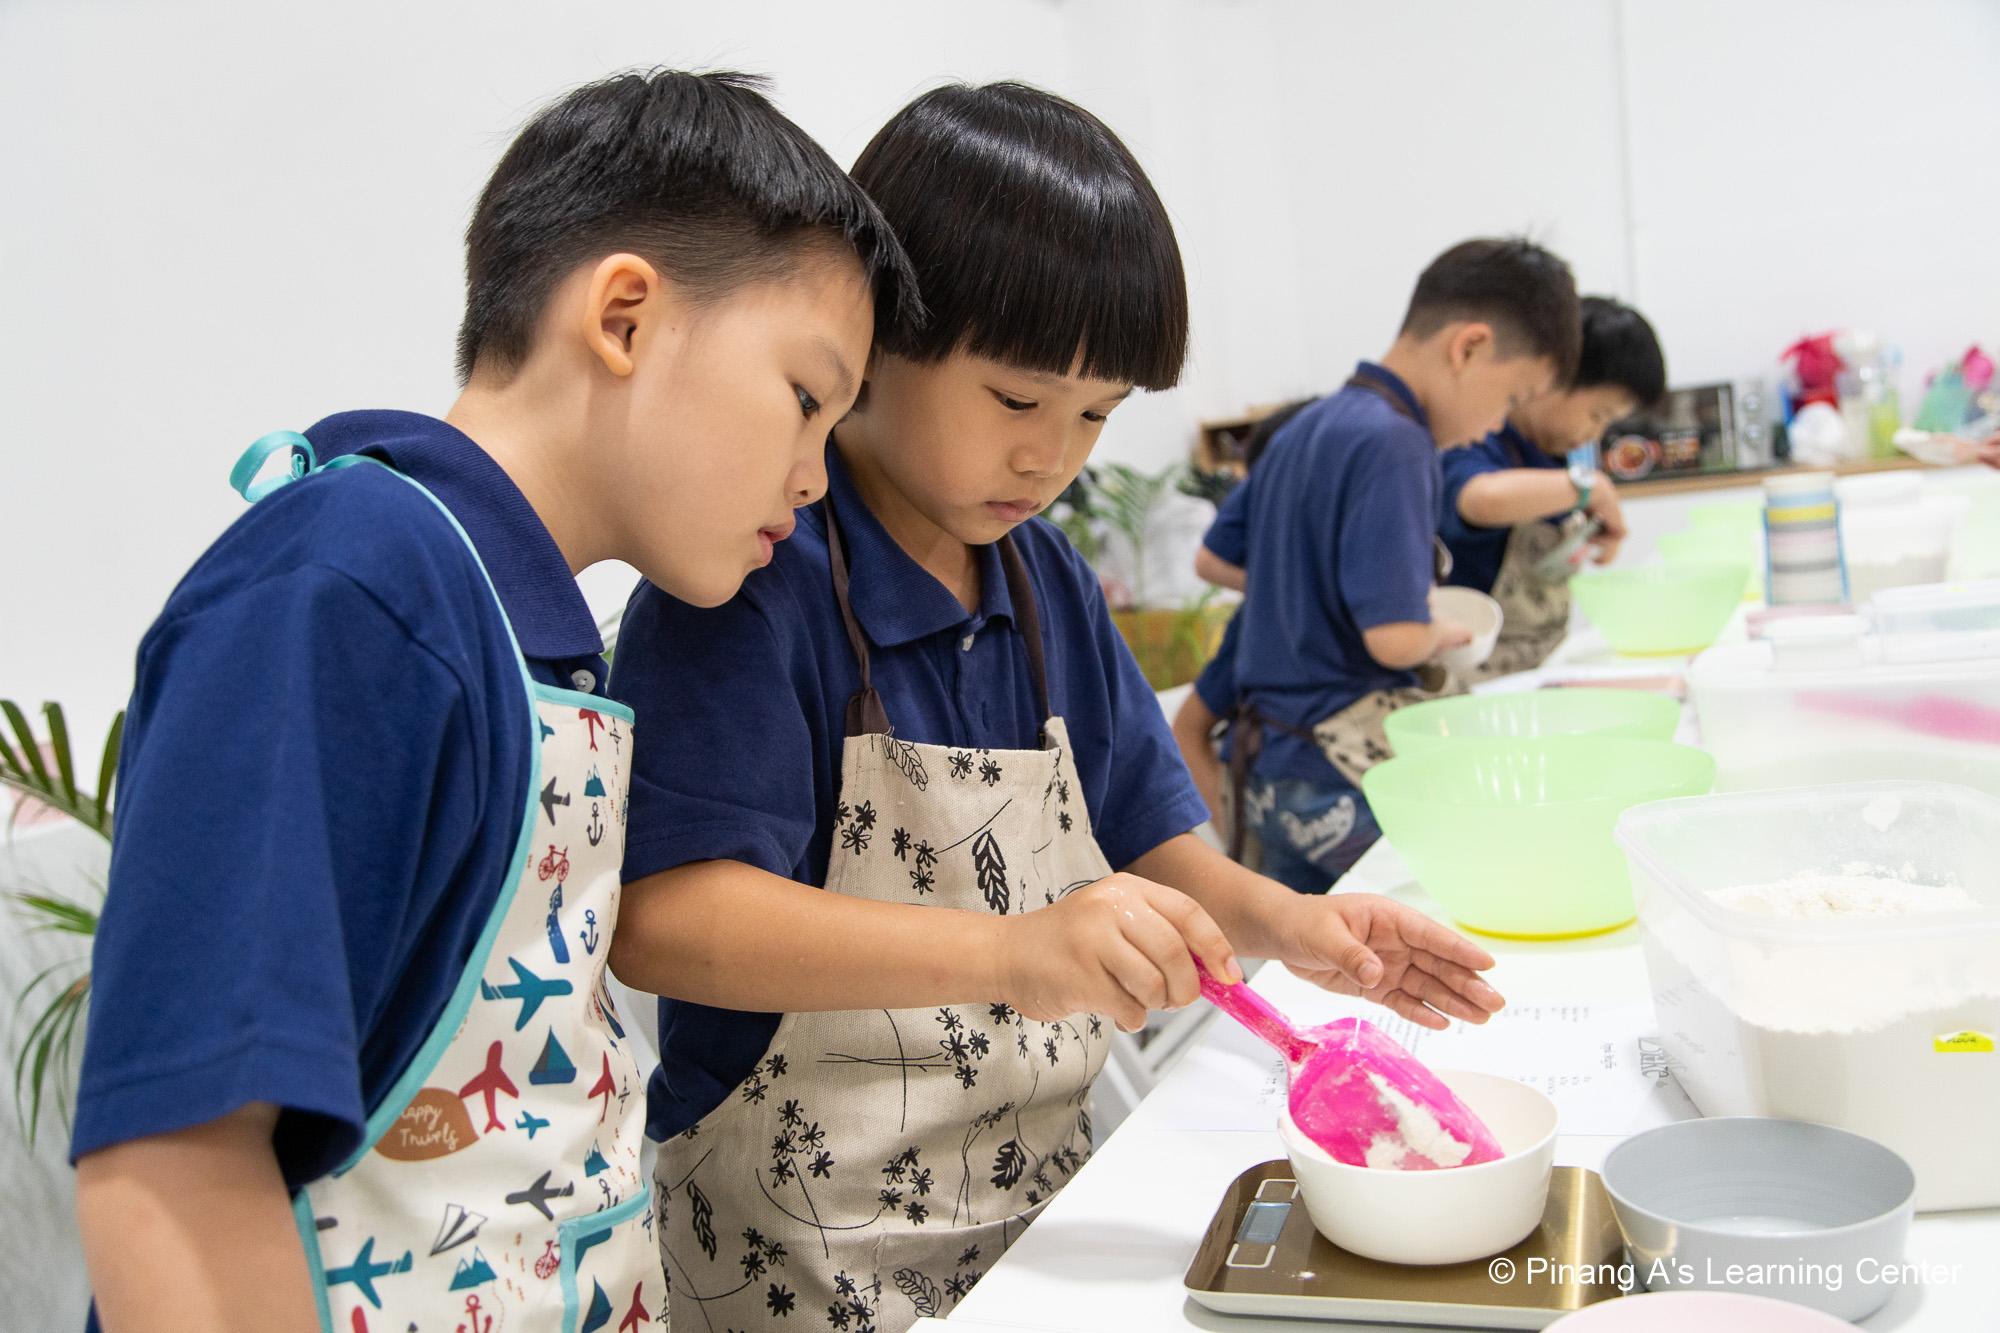 penang private school, Penang homeschool students